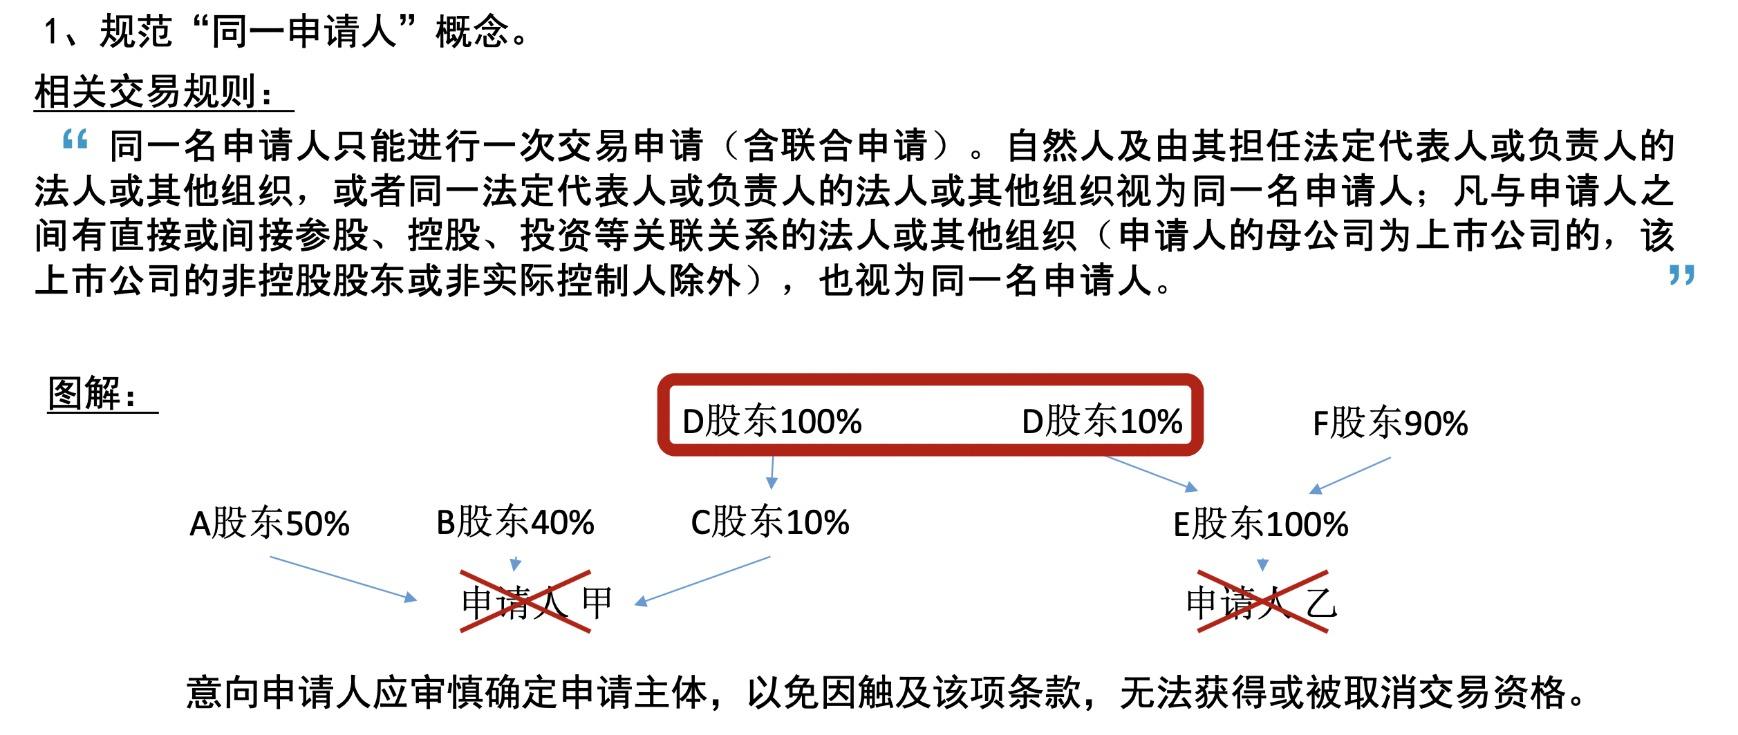 """竞价_上海土地市场重大转变:5月宣布首批宅地集中出让通告 出台""""限价竞价""""新规插图1"""